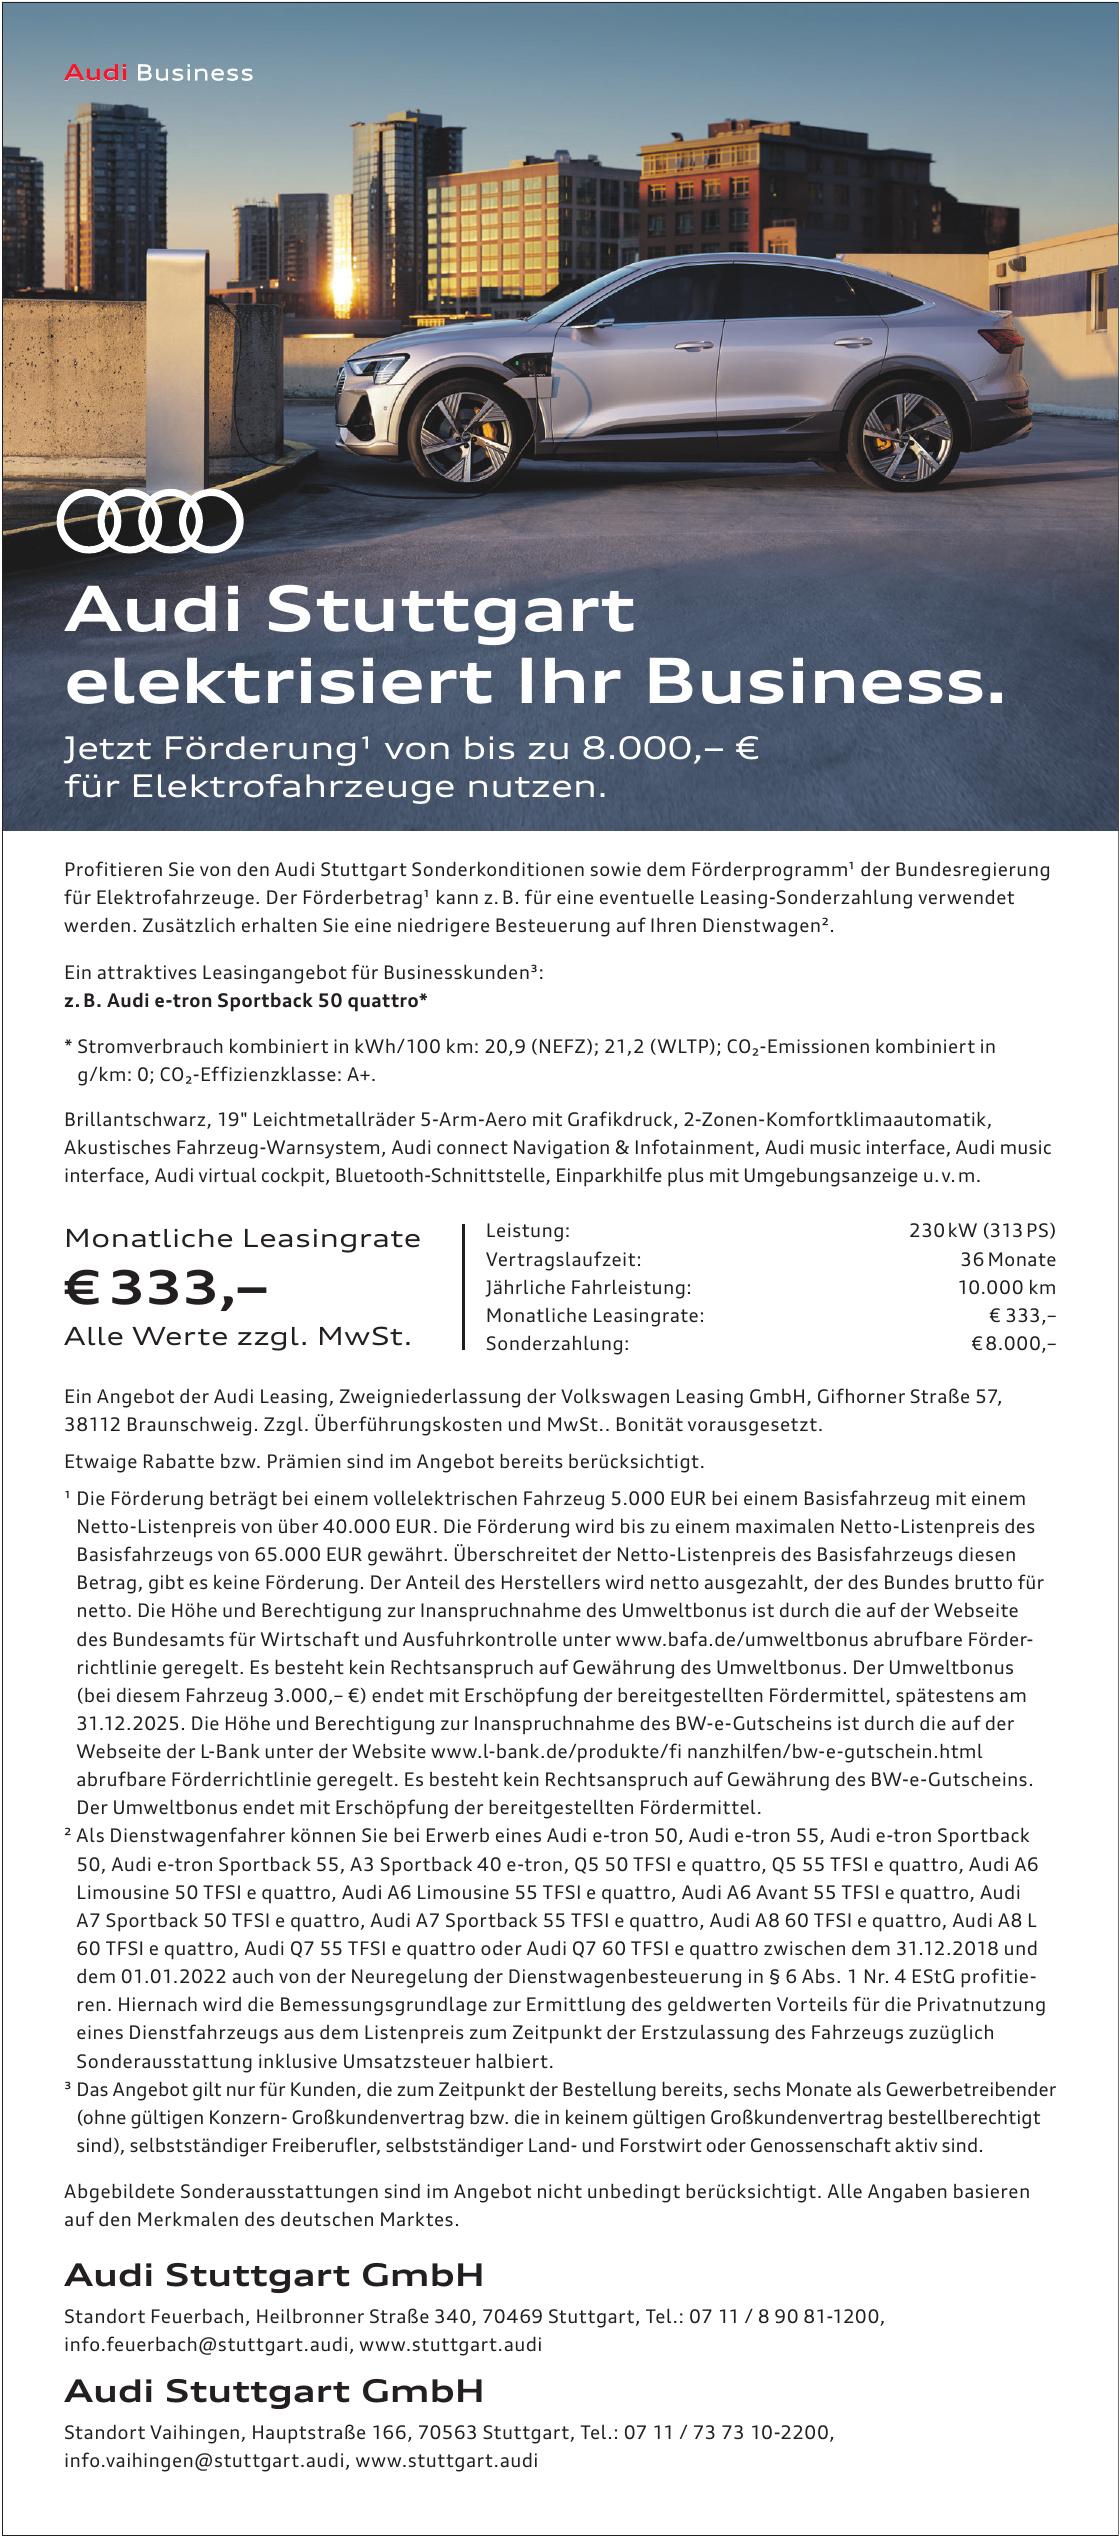 Audi Stuttgart GmbH